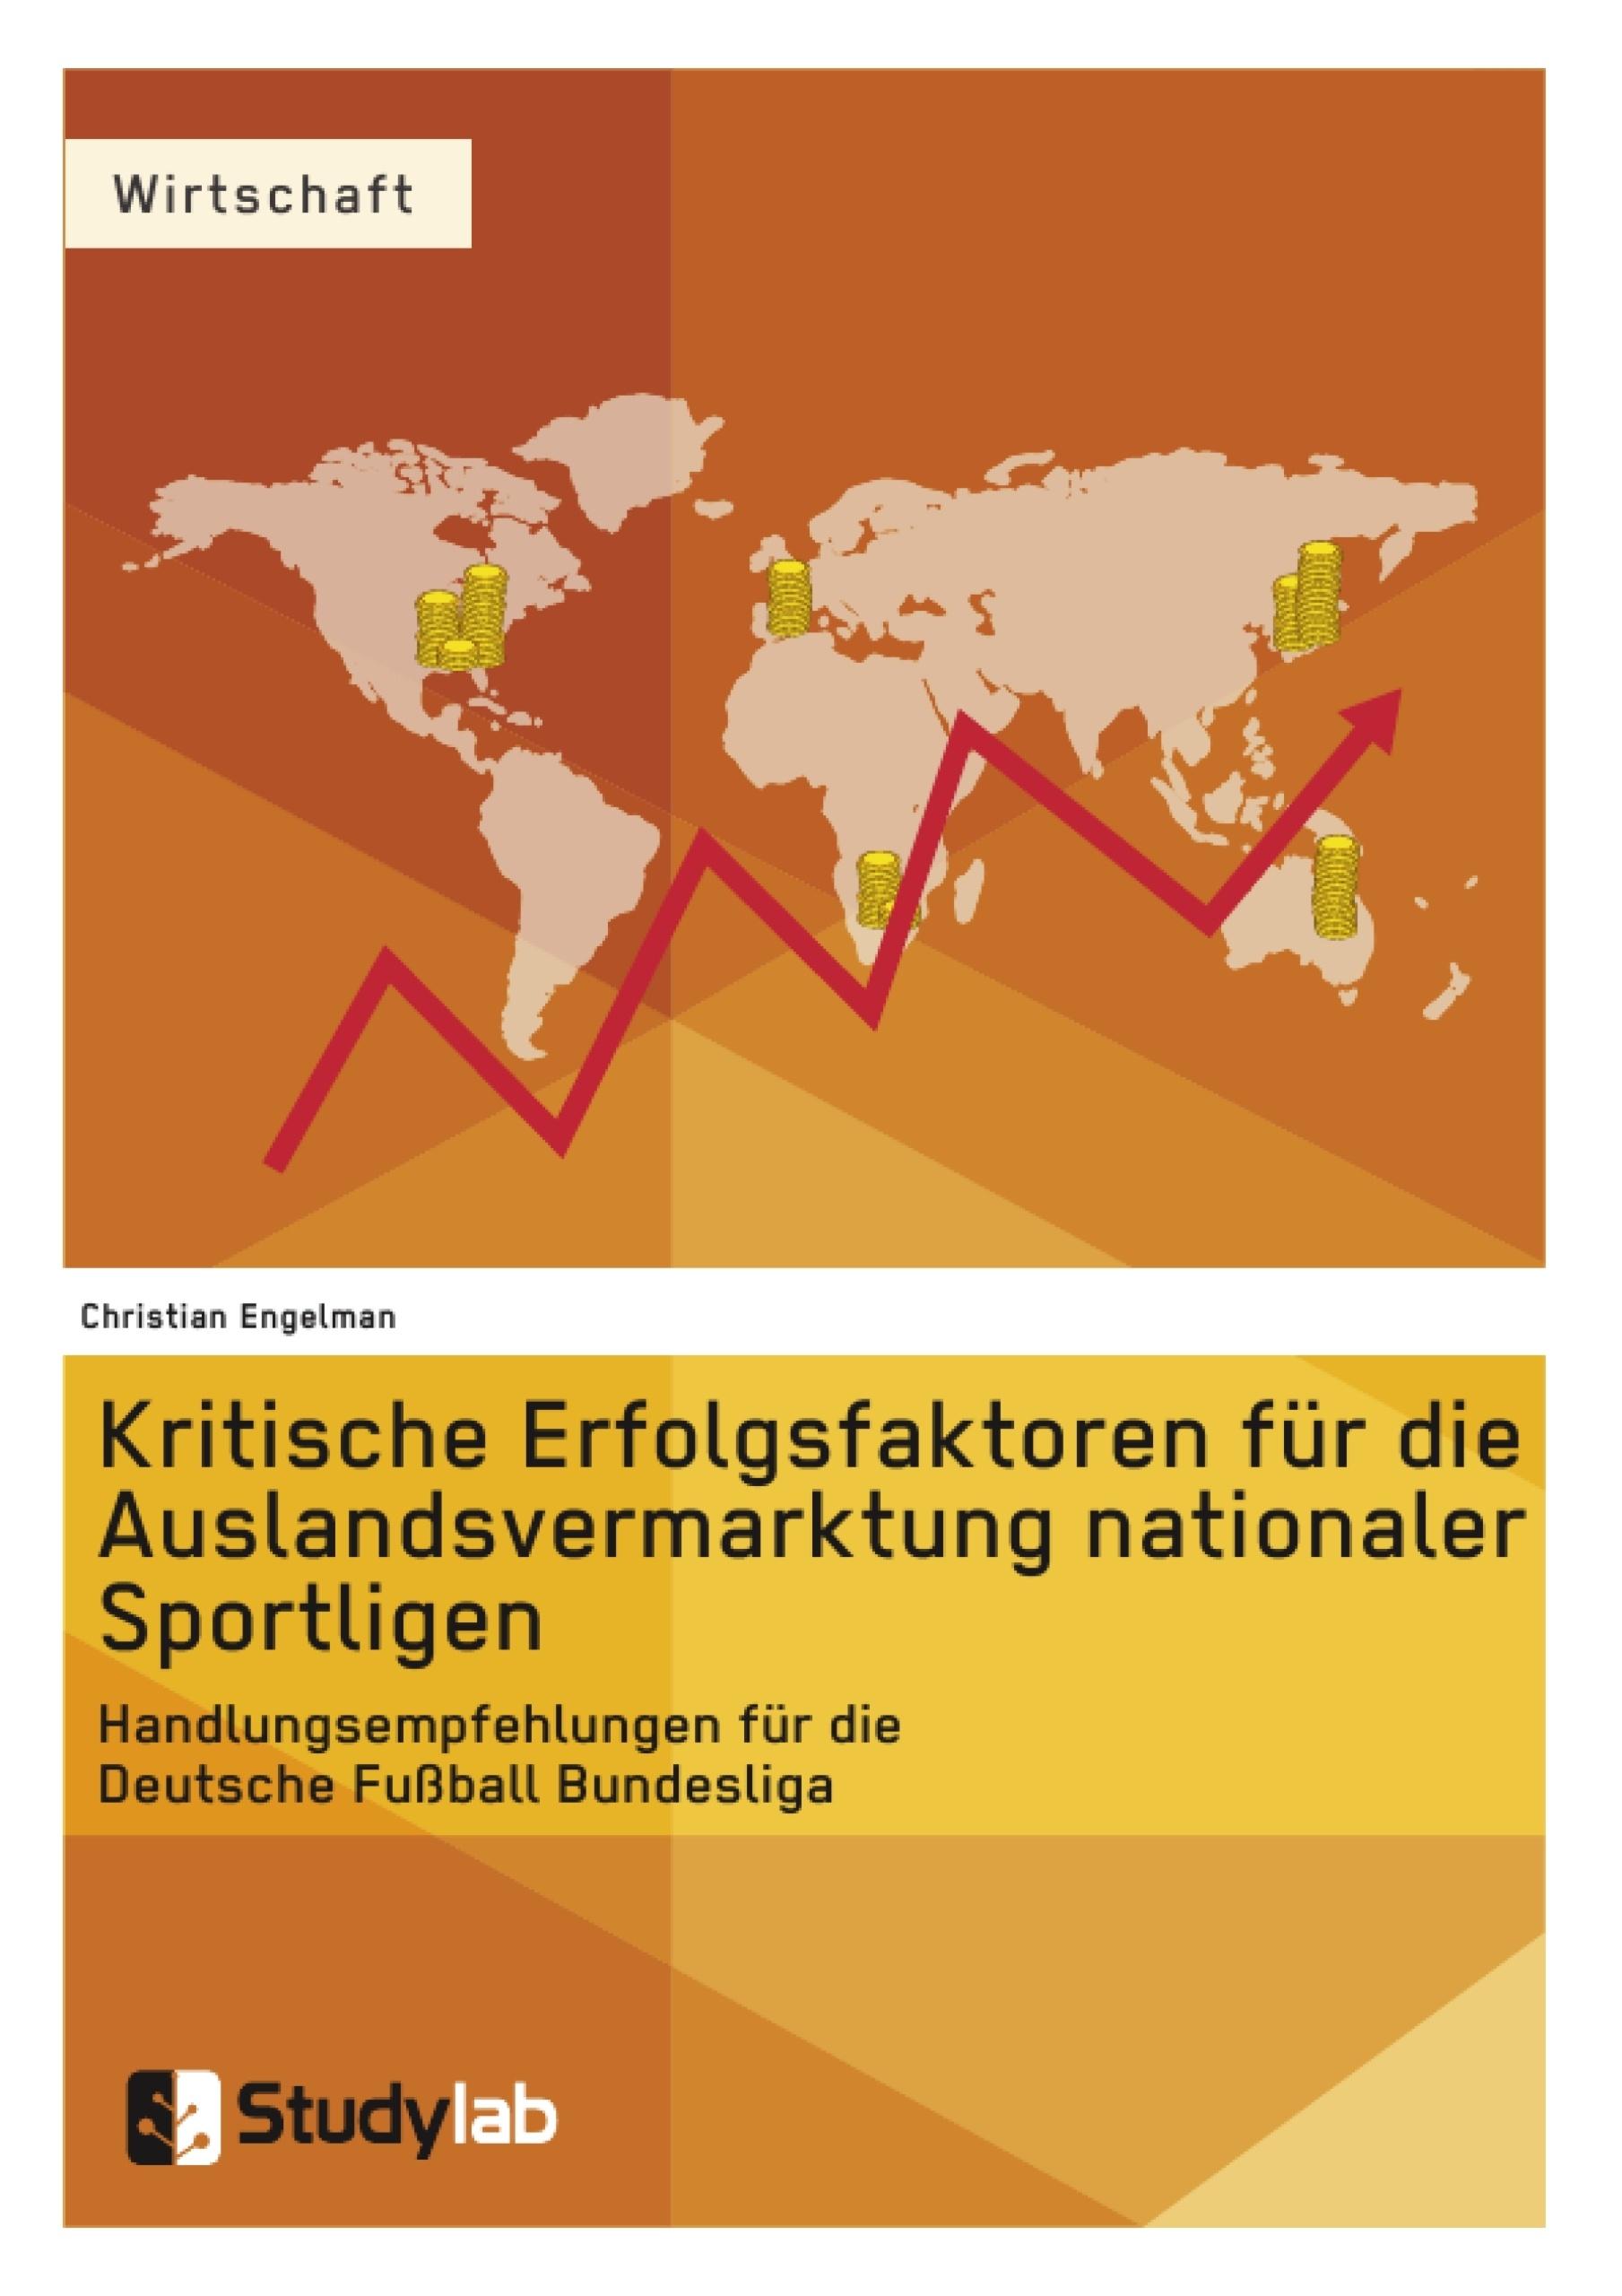 Titel: Kritische Erfolgsfaktoren für die Auslandsvermarktung nationaler Sportligen